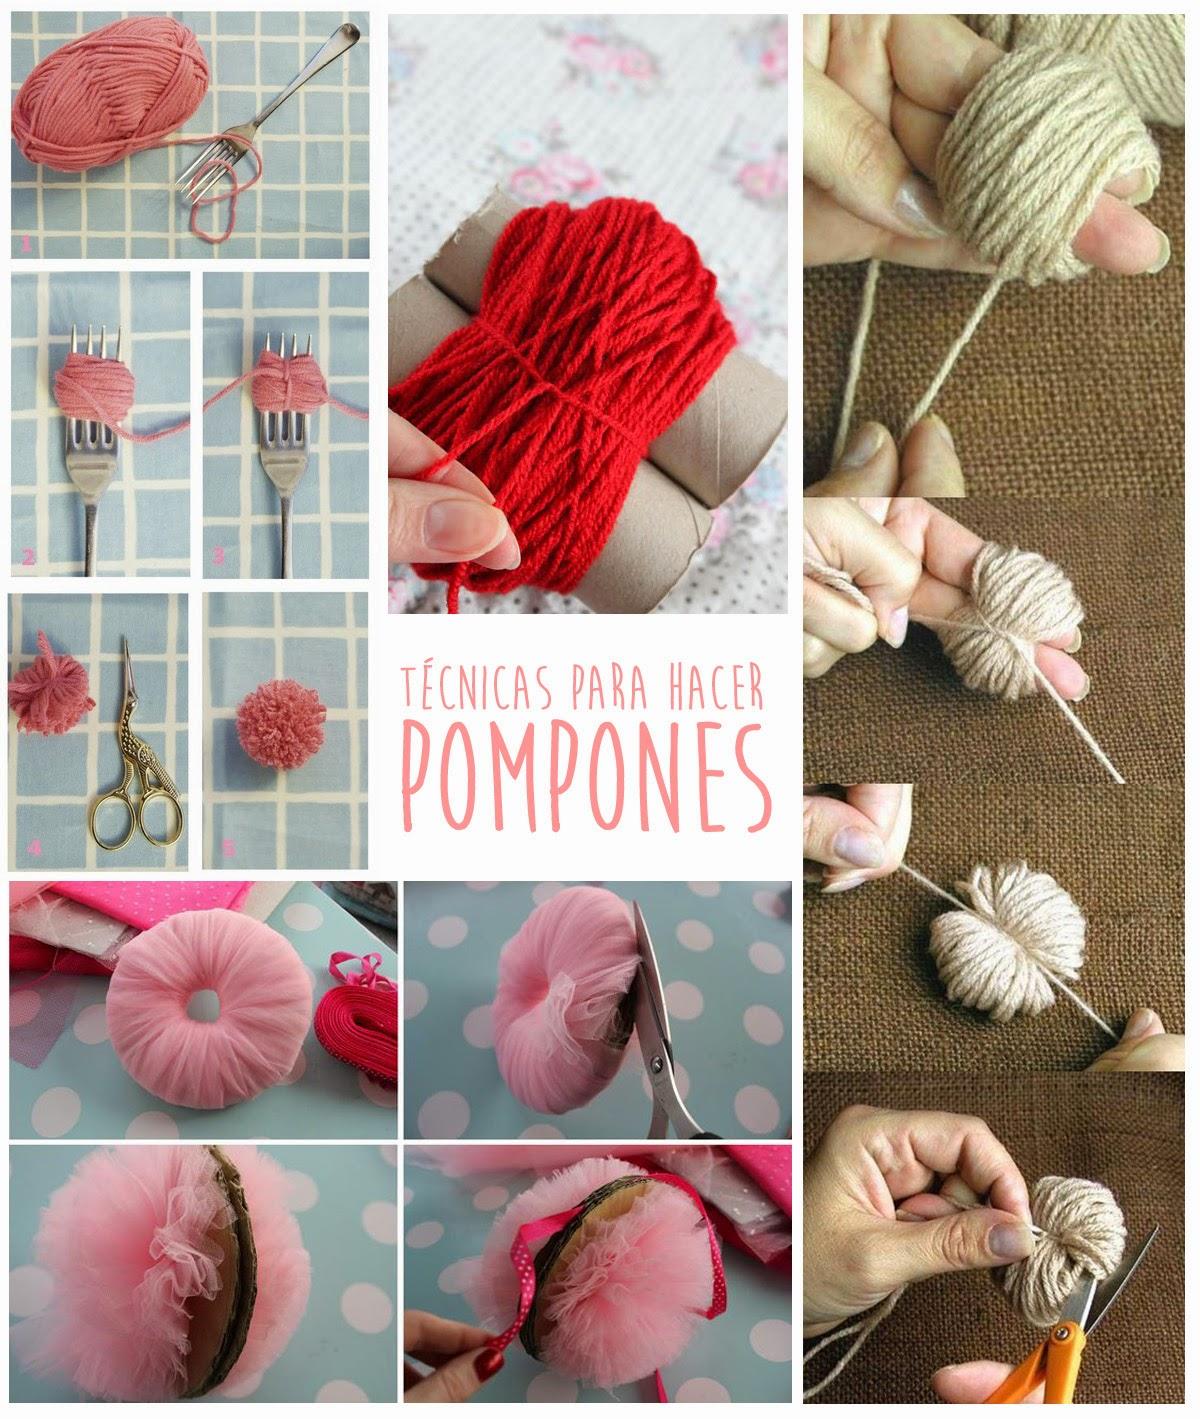 Como hacer muñecos con pompones de lana - Técnicas para hacer pompones - Manualidad